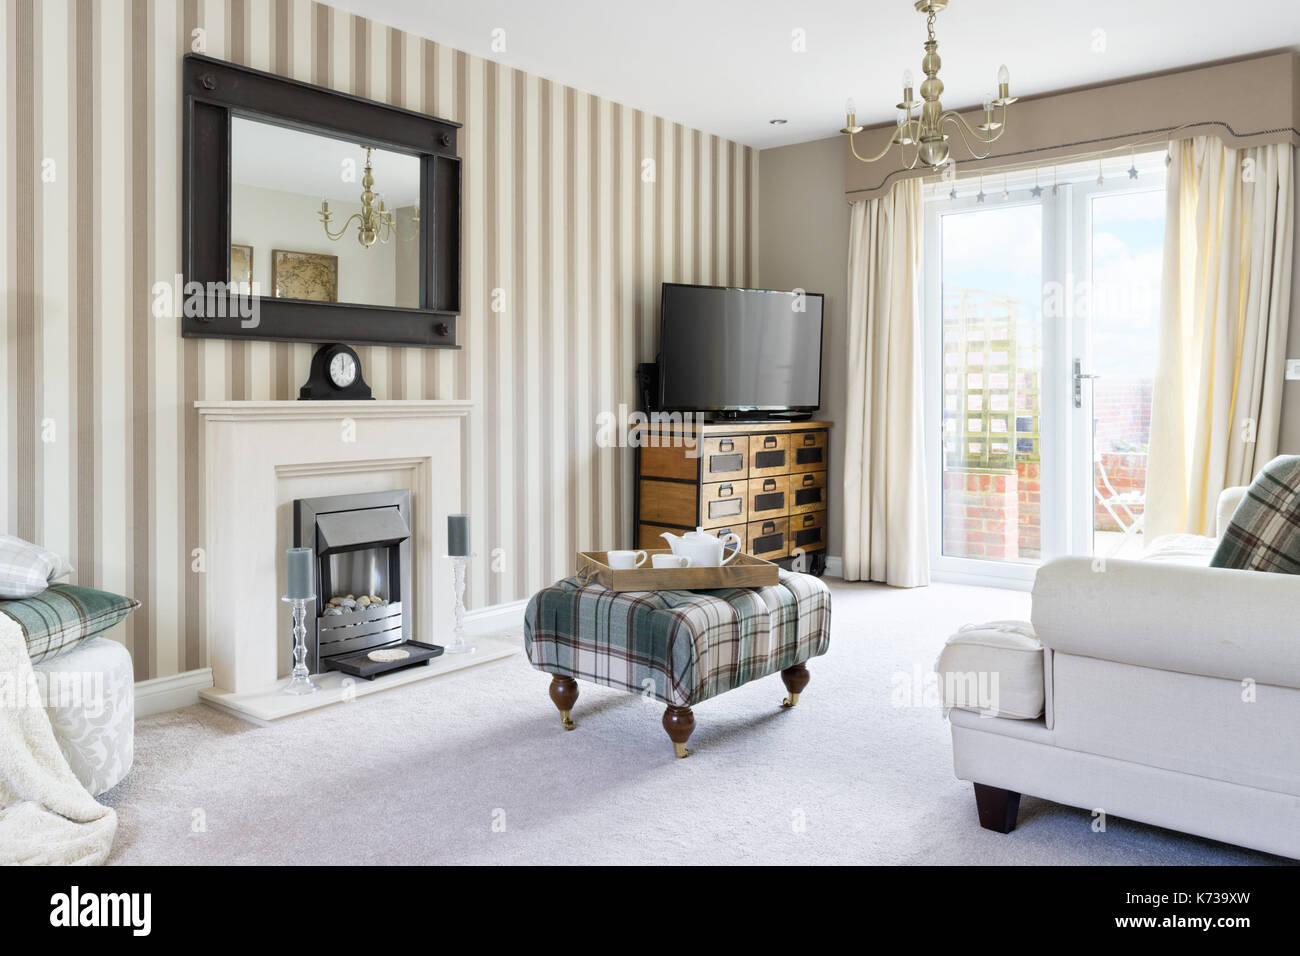 Un élégant salon, intérieur conçu dans un style contemporain uk home Photo Stock